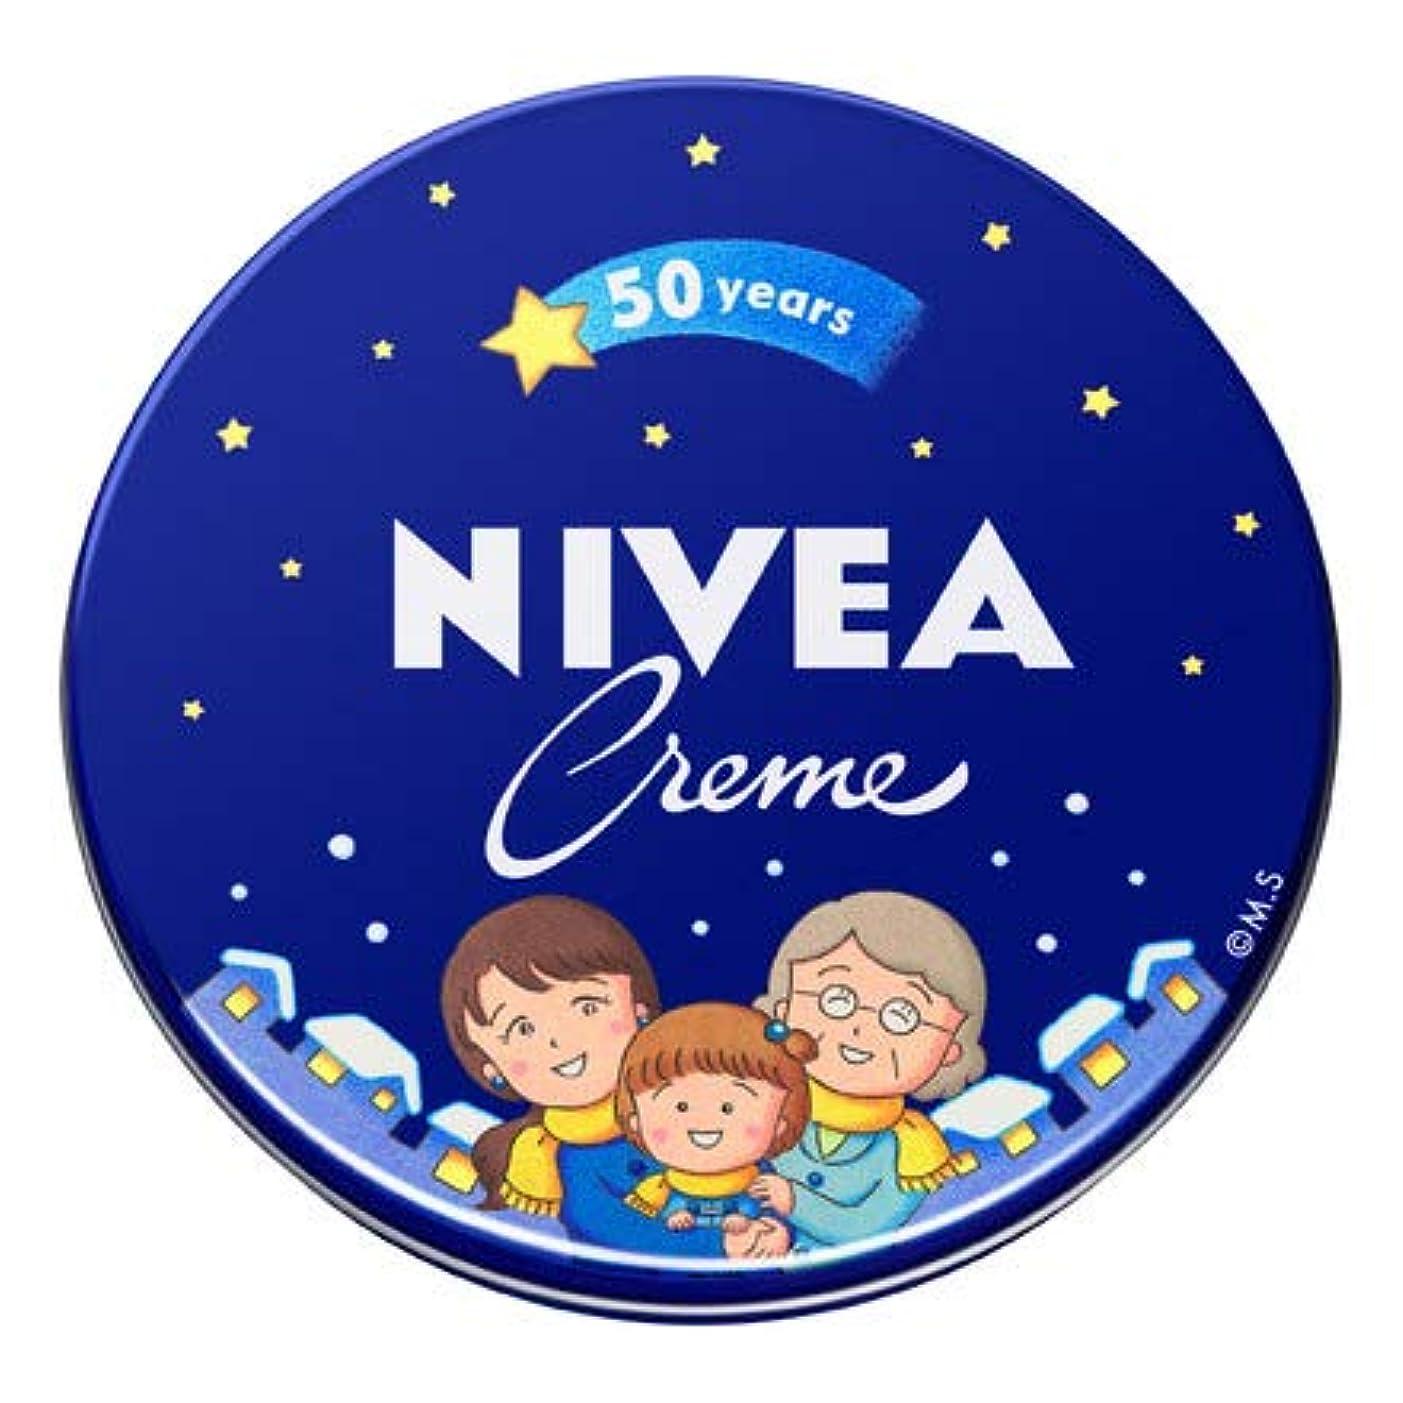 電報ではごきげんよう本当にNIVEA ニベアクリーム 中缶 56g さくらももこ限定デザイン